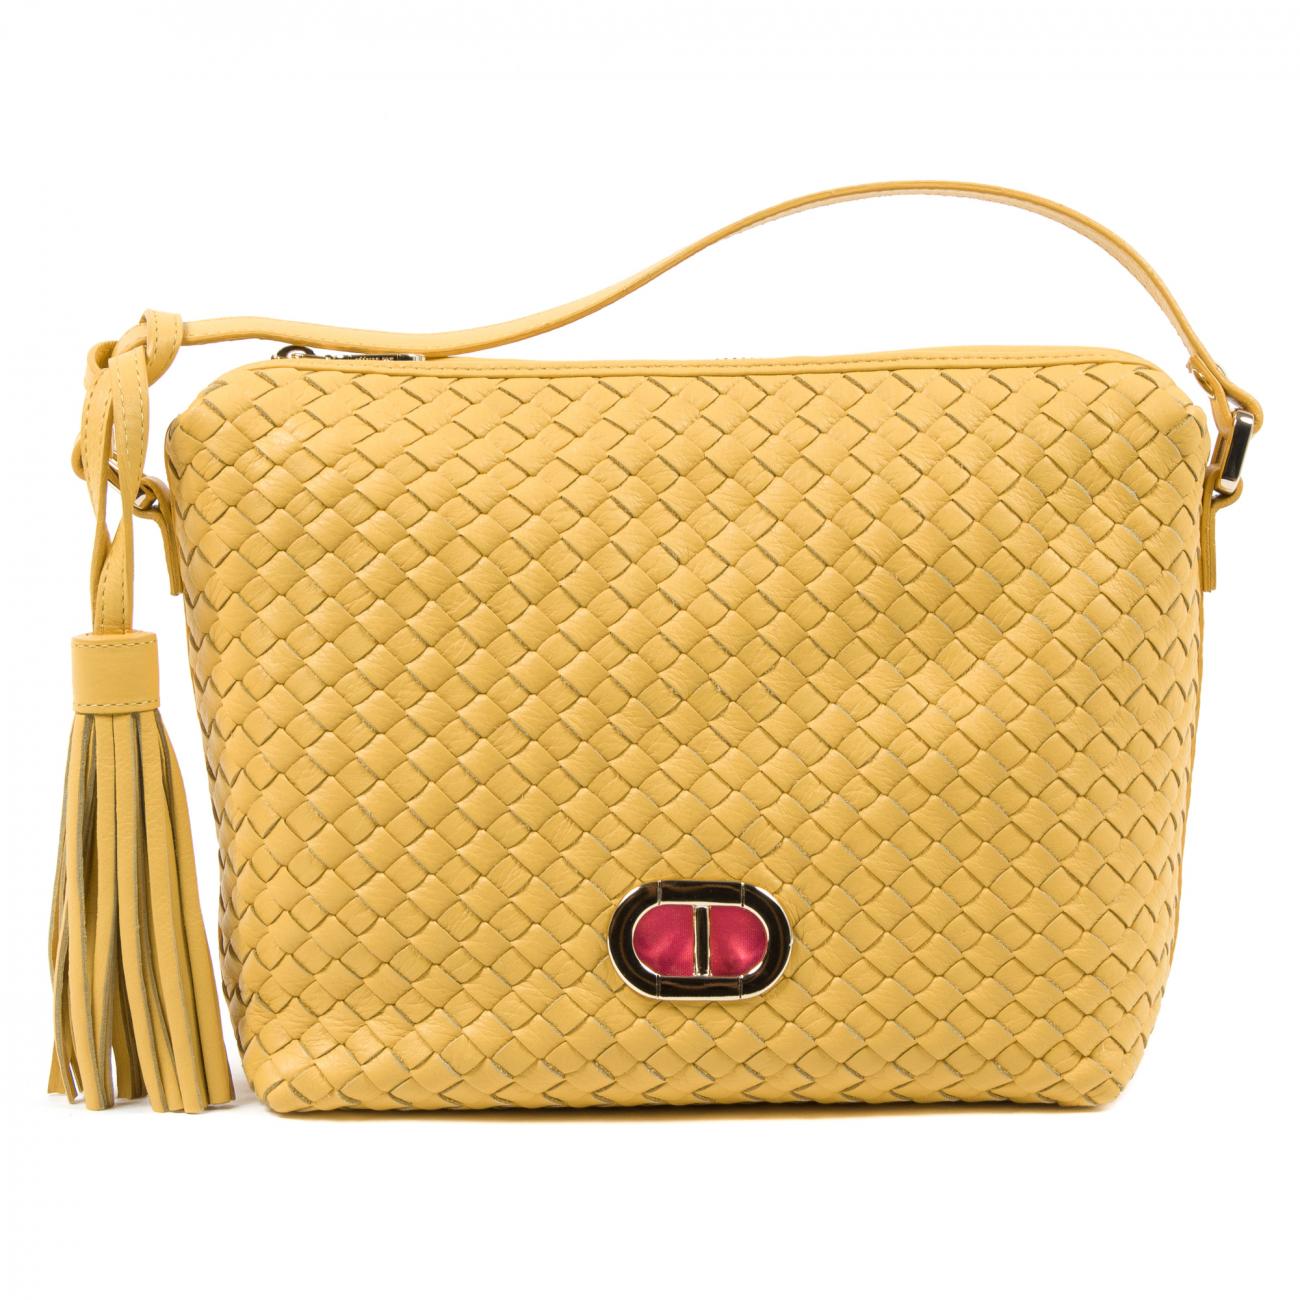 Dee Ocleppo Womens Bag GM1792 INTRECCIO MIAMI MAIS